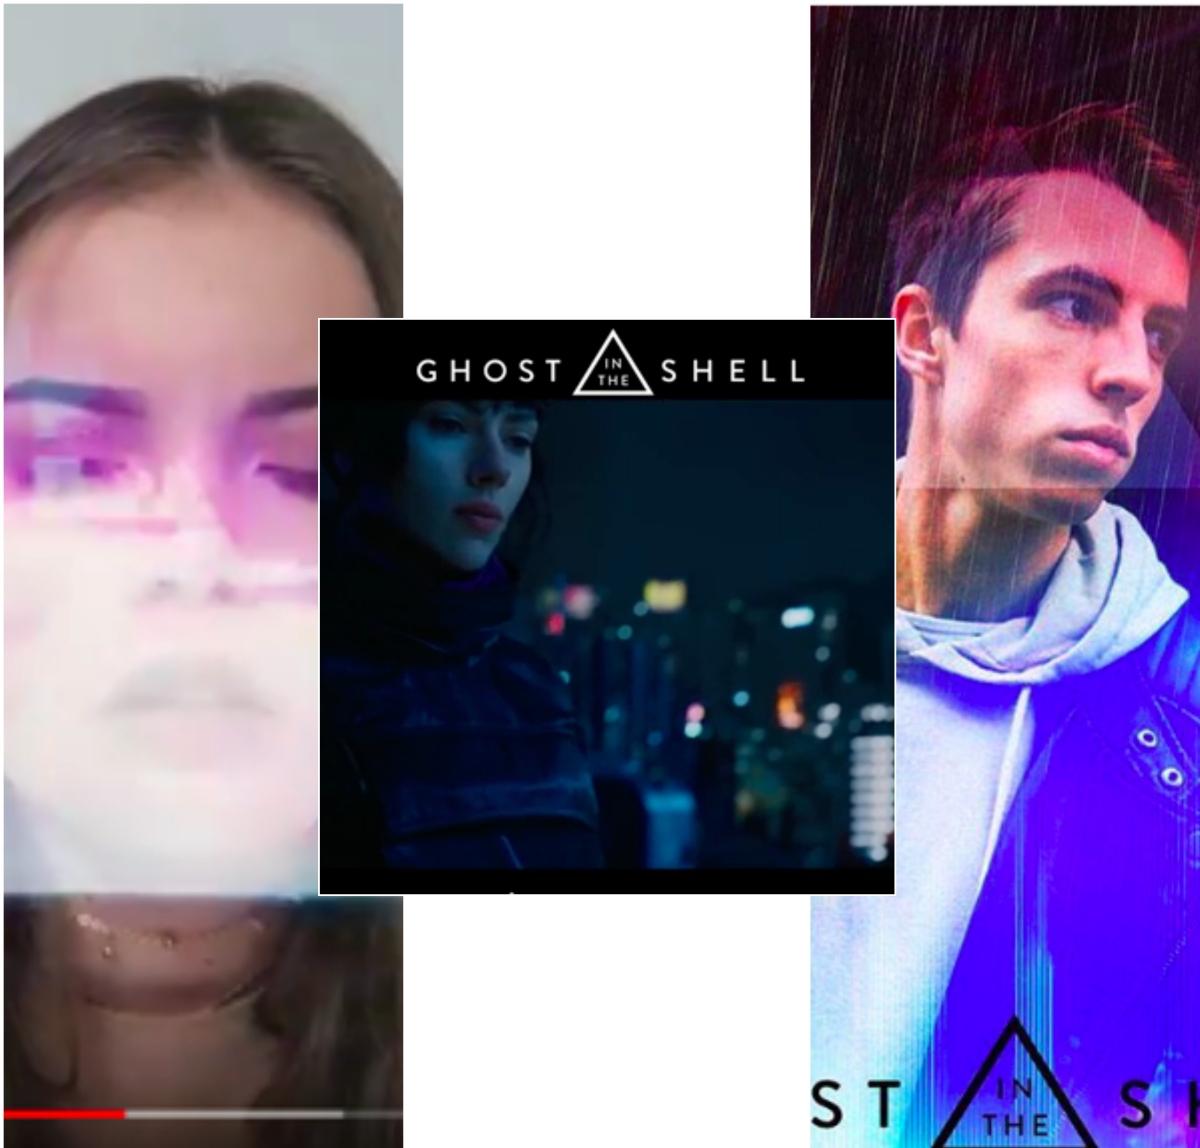 L'agence TANKE a piraté les réseaux sociaux de 11 influenceurs pour la sortie du film Ghost in the Shell